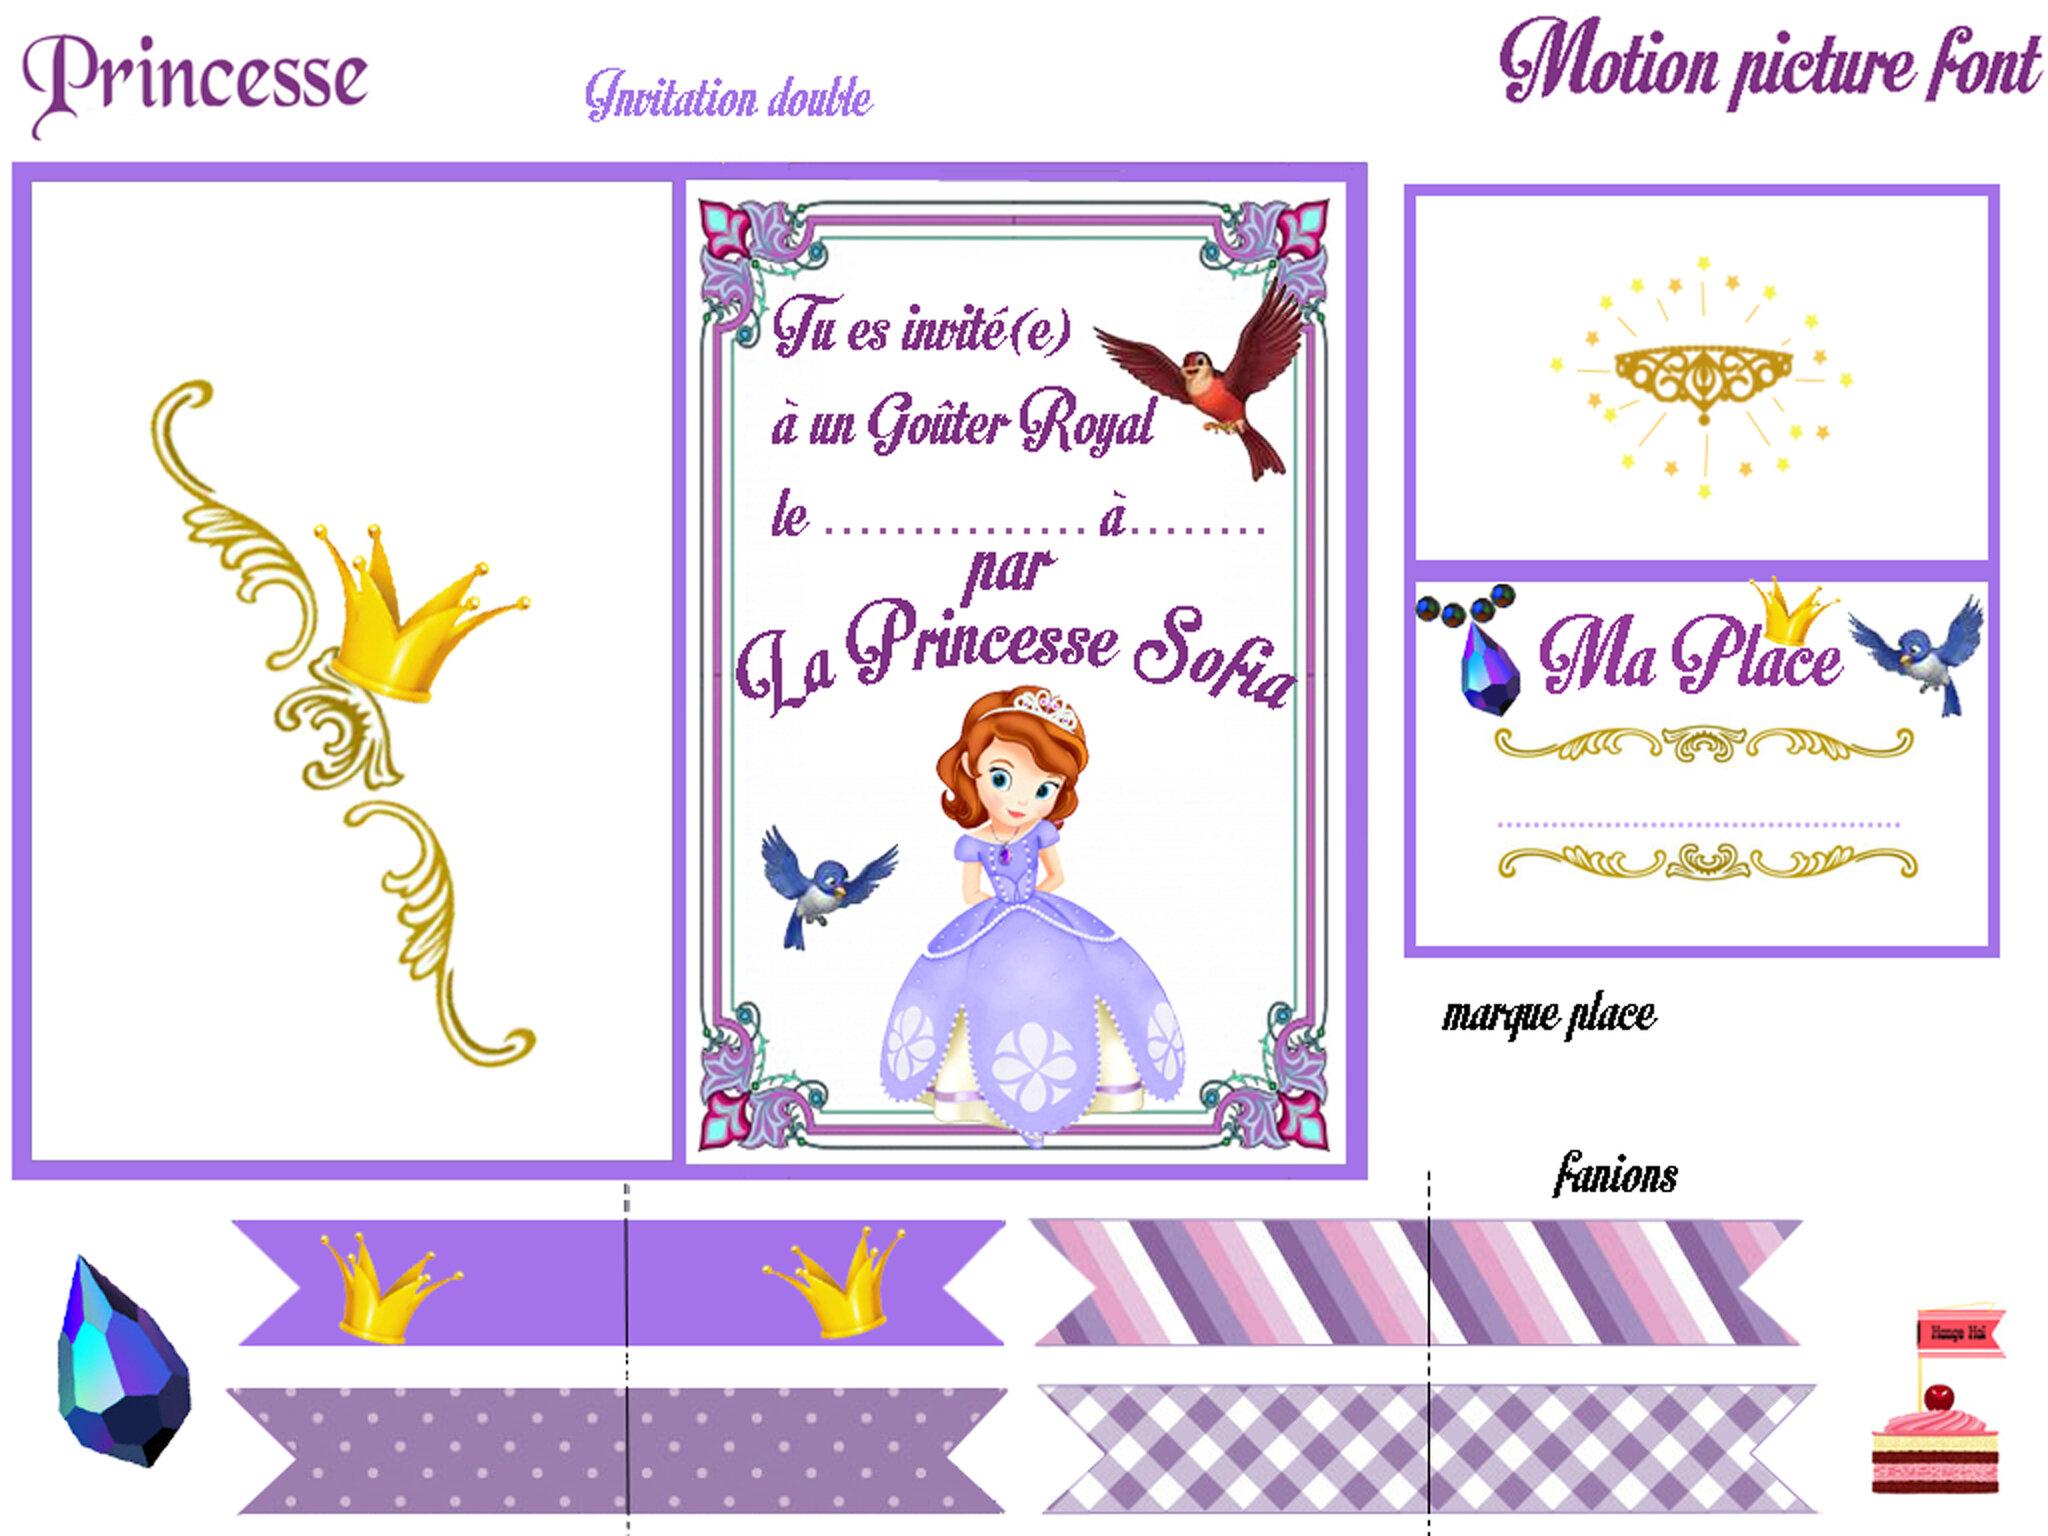 Diplome de princesse imprimer - Telecharger princesse sofia ...